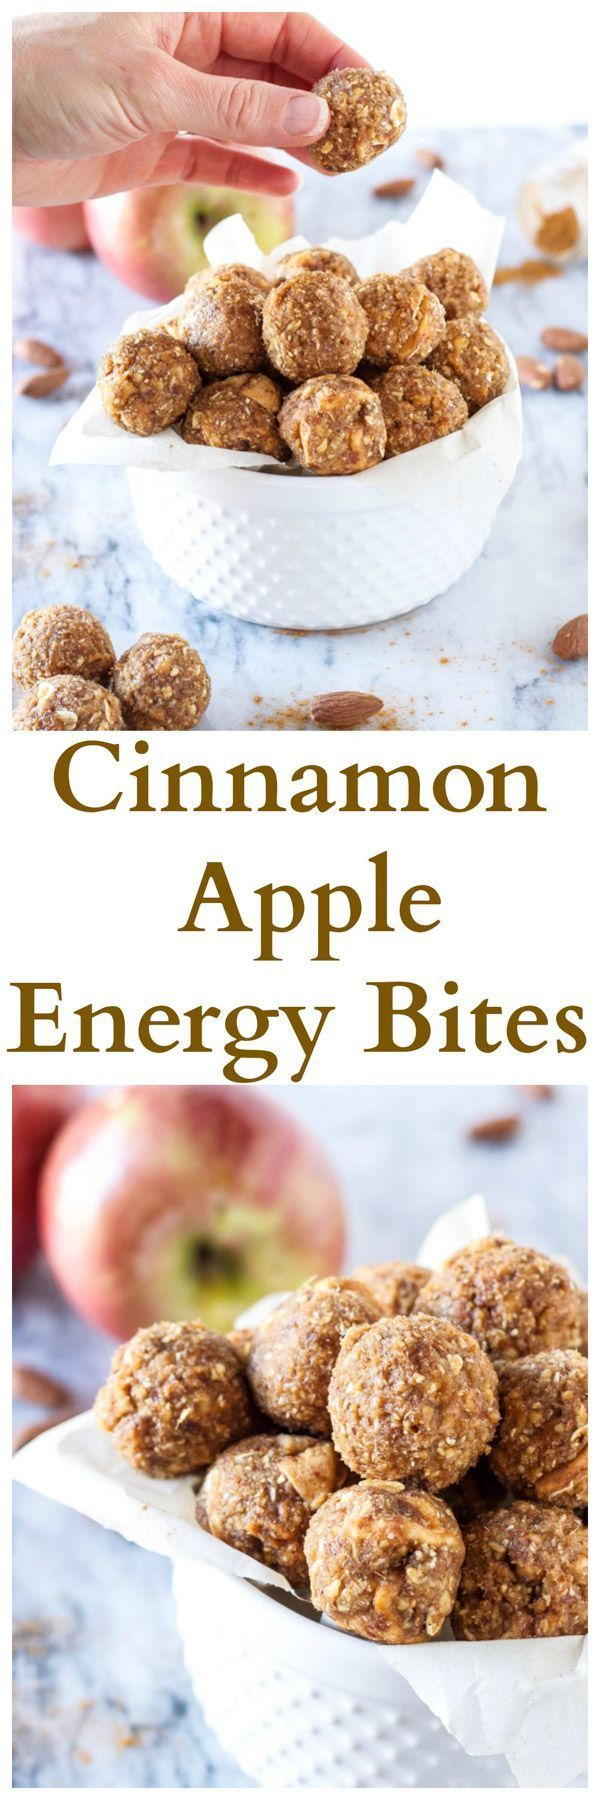 Cinnamon Apple Energy Bites   www.reciperunner.com   Healthy, gluten free, vegan, energy bites that taste just like apple pie!